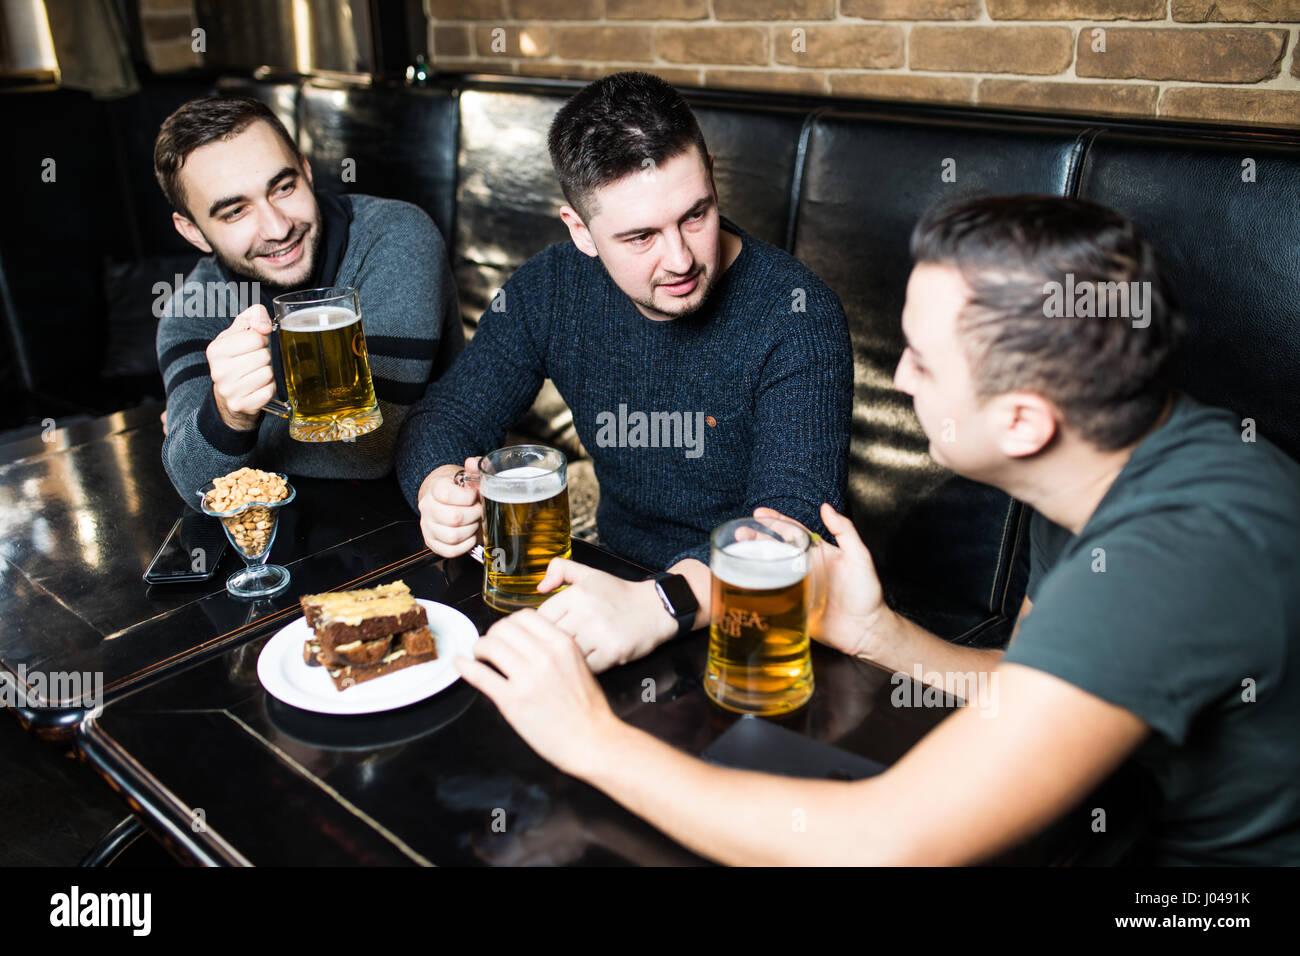 Felice di tre giovani uomini in abbigliamento casual a parlare e a bere birra seduti nel bar insieme Immagini Stock